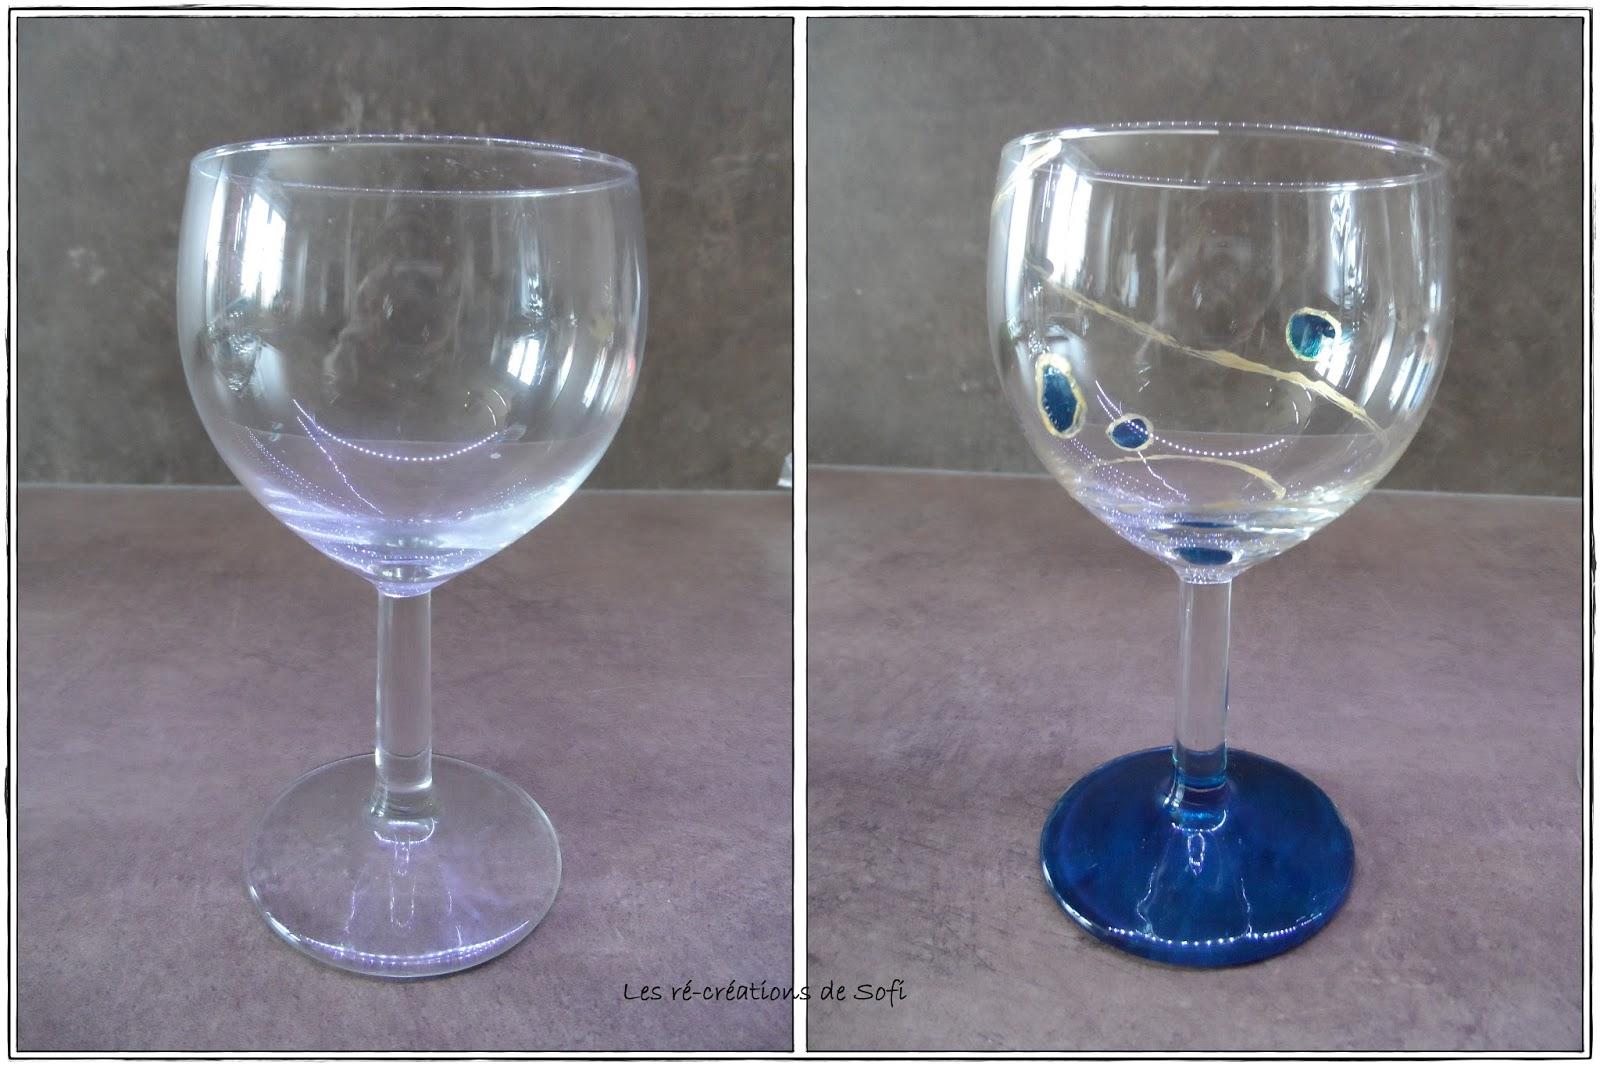 Les r cr ations de sofi peinture sur verre verres ballon for Peinture sur verre